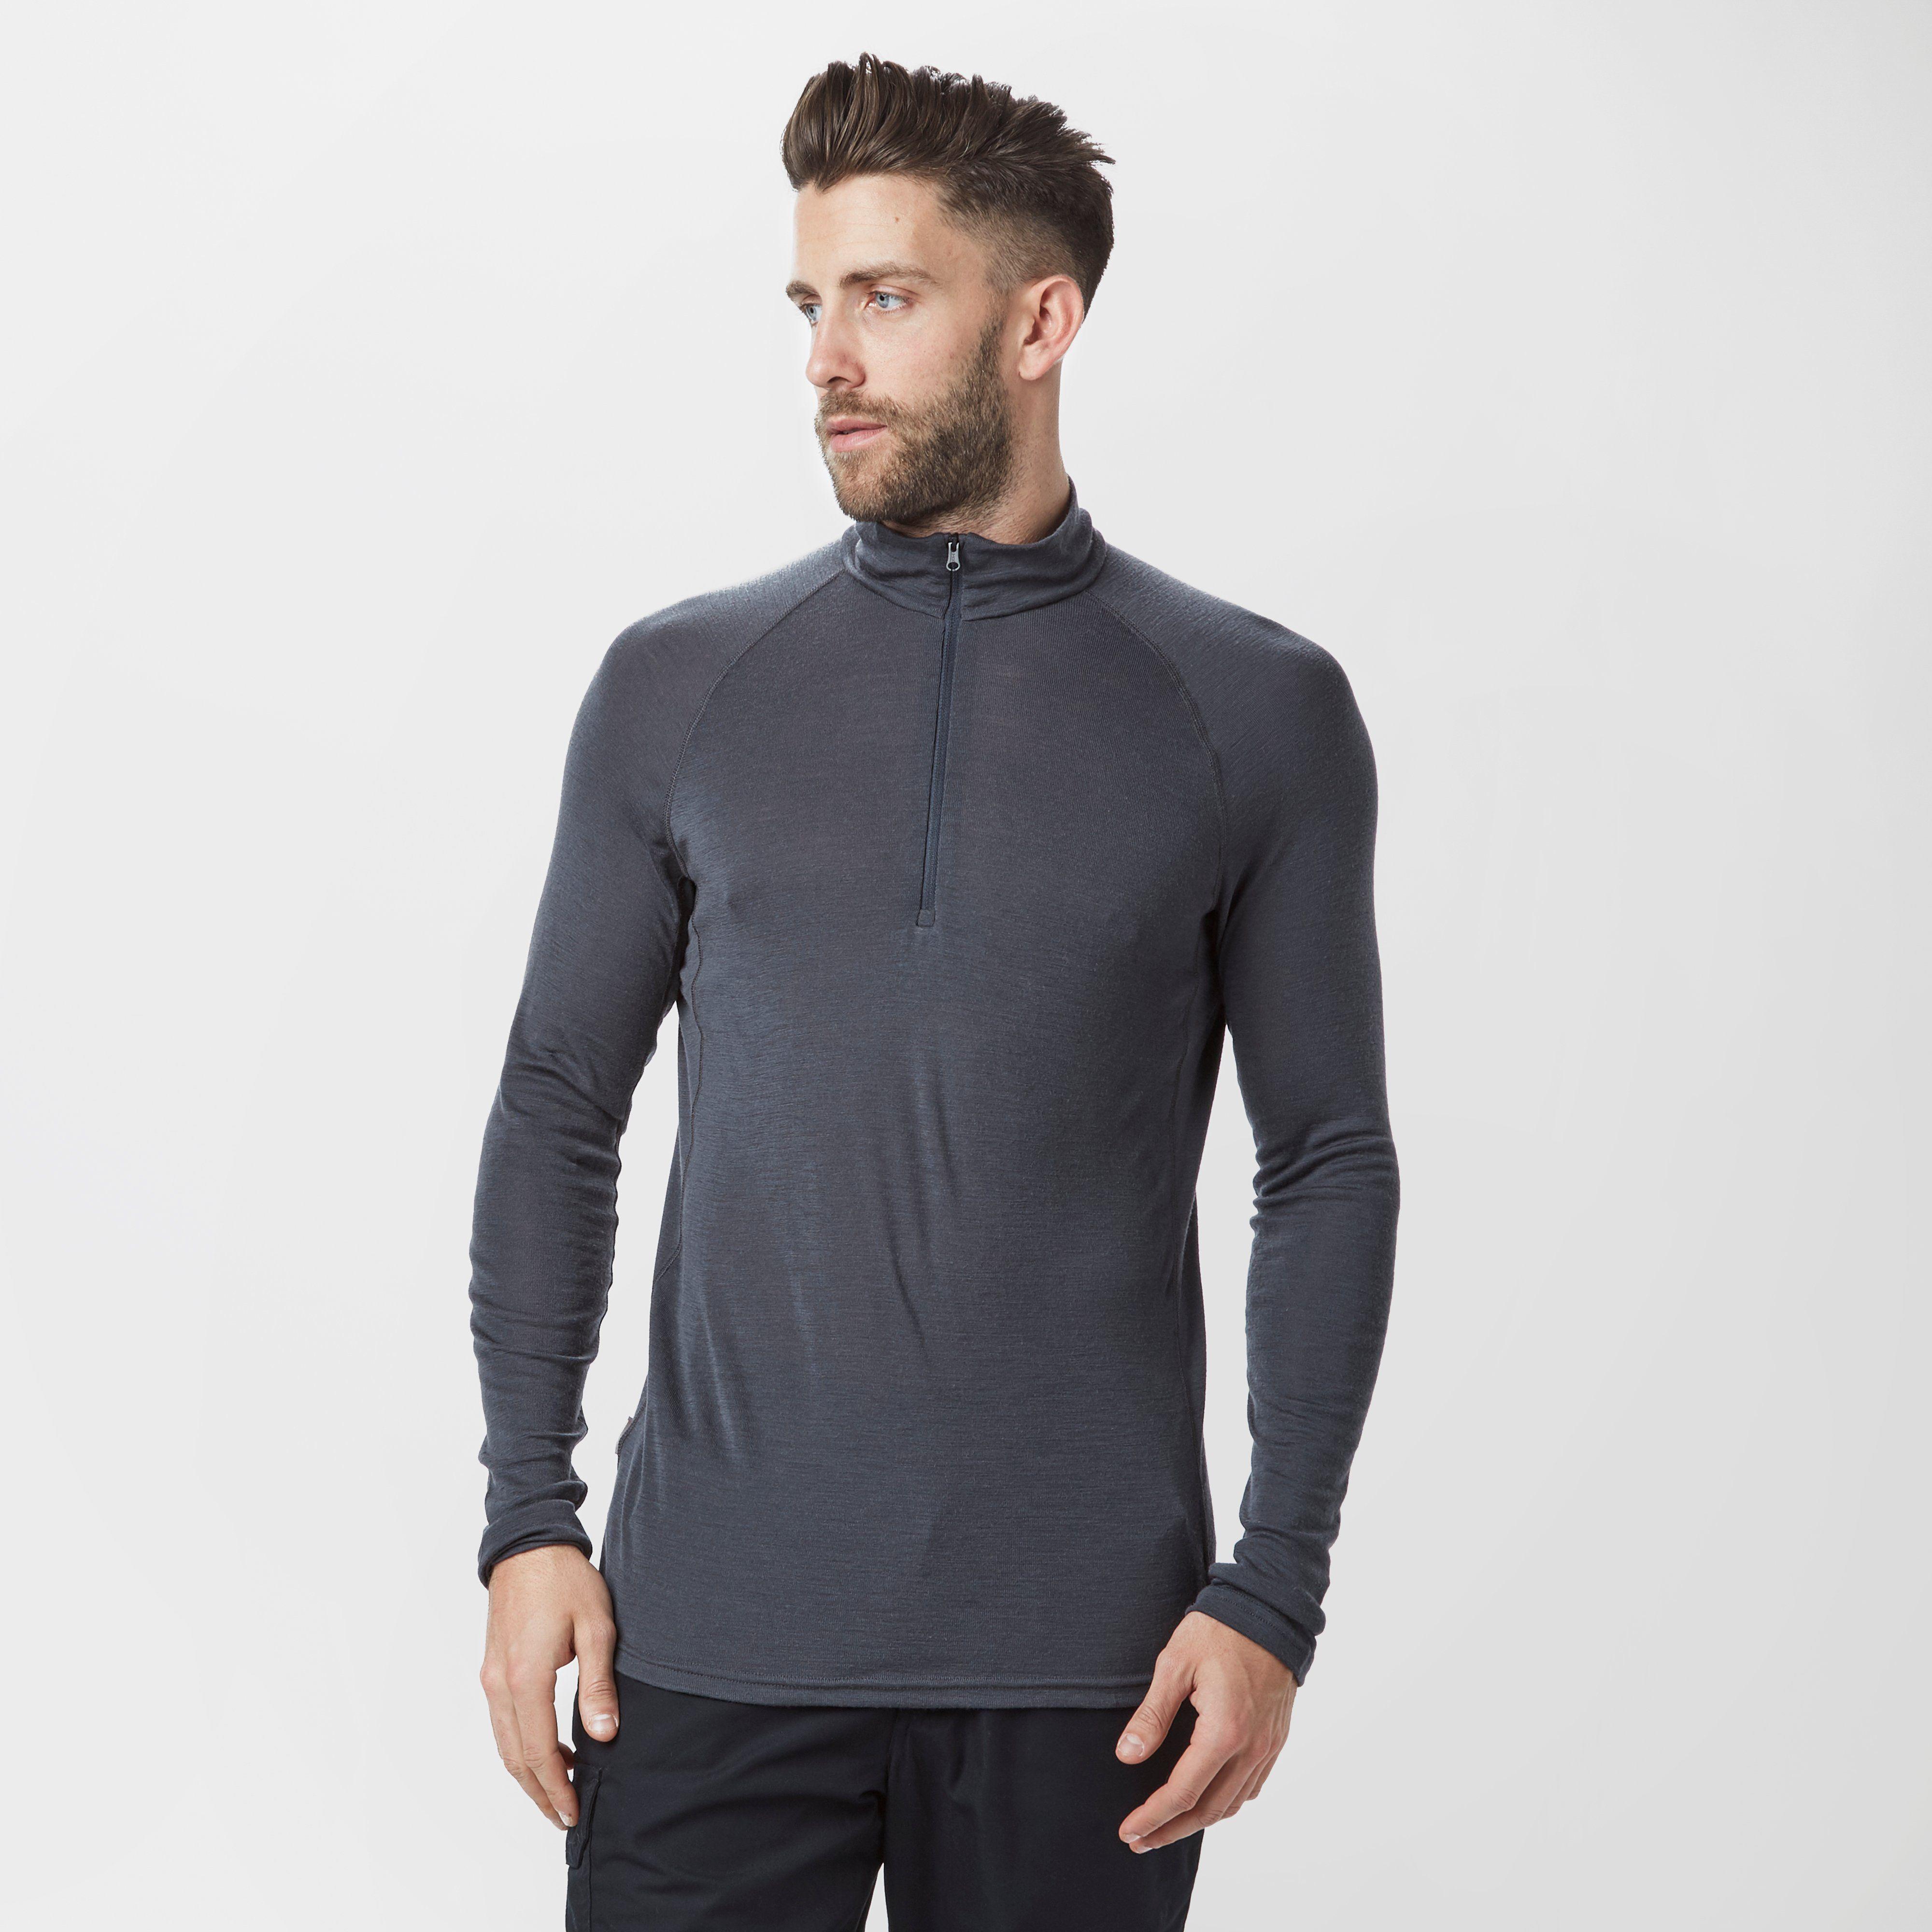 ICEBREAKER Men's Everyday Long-Sleeve Half-Zip Baselayer